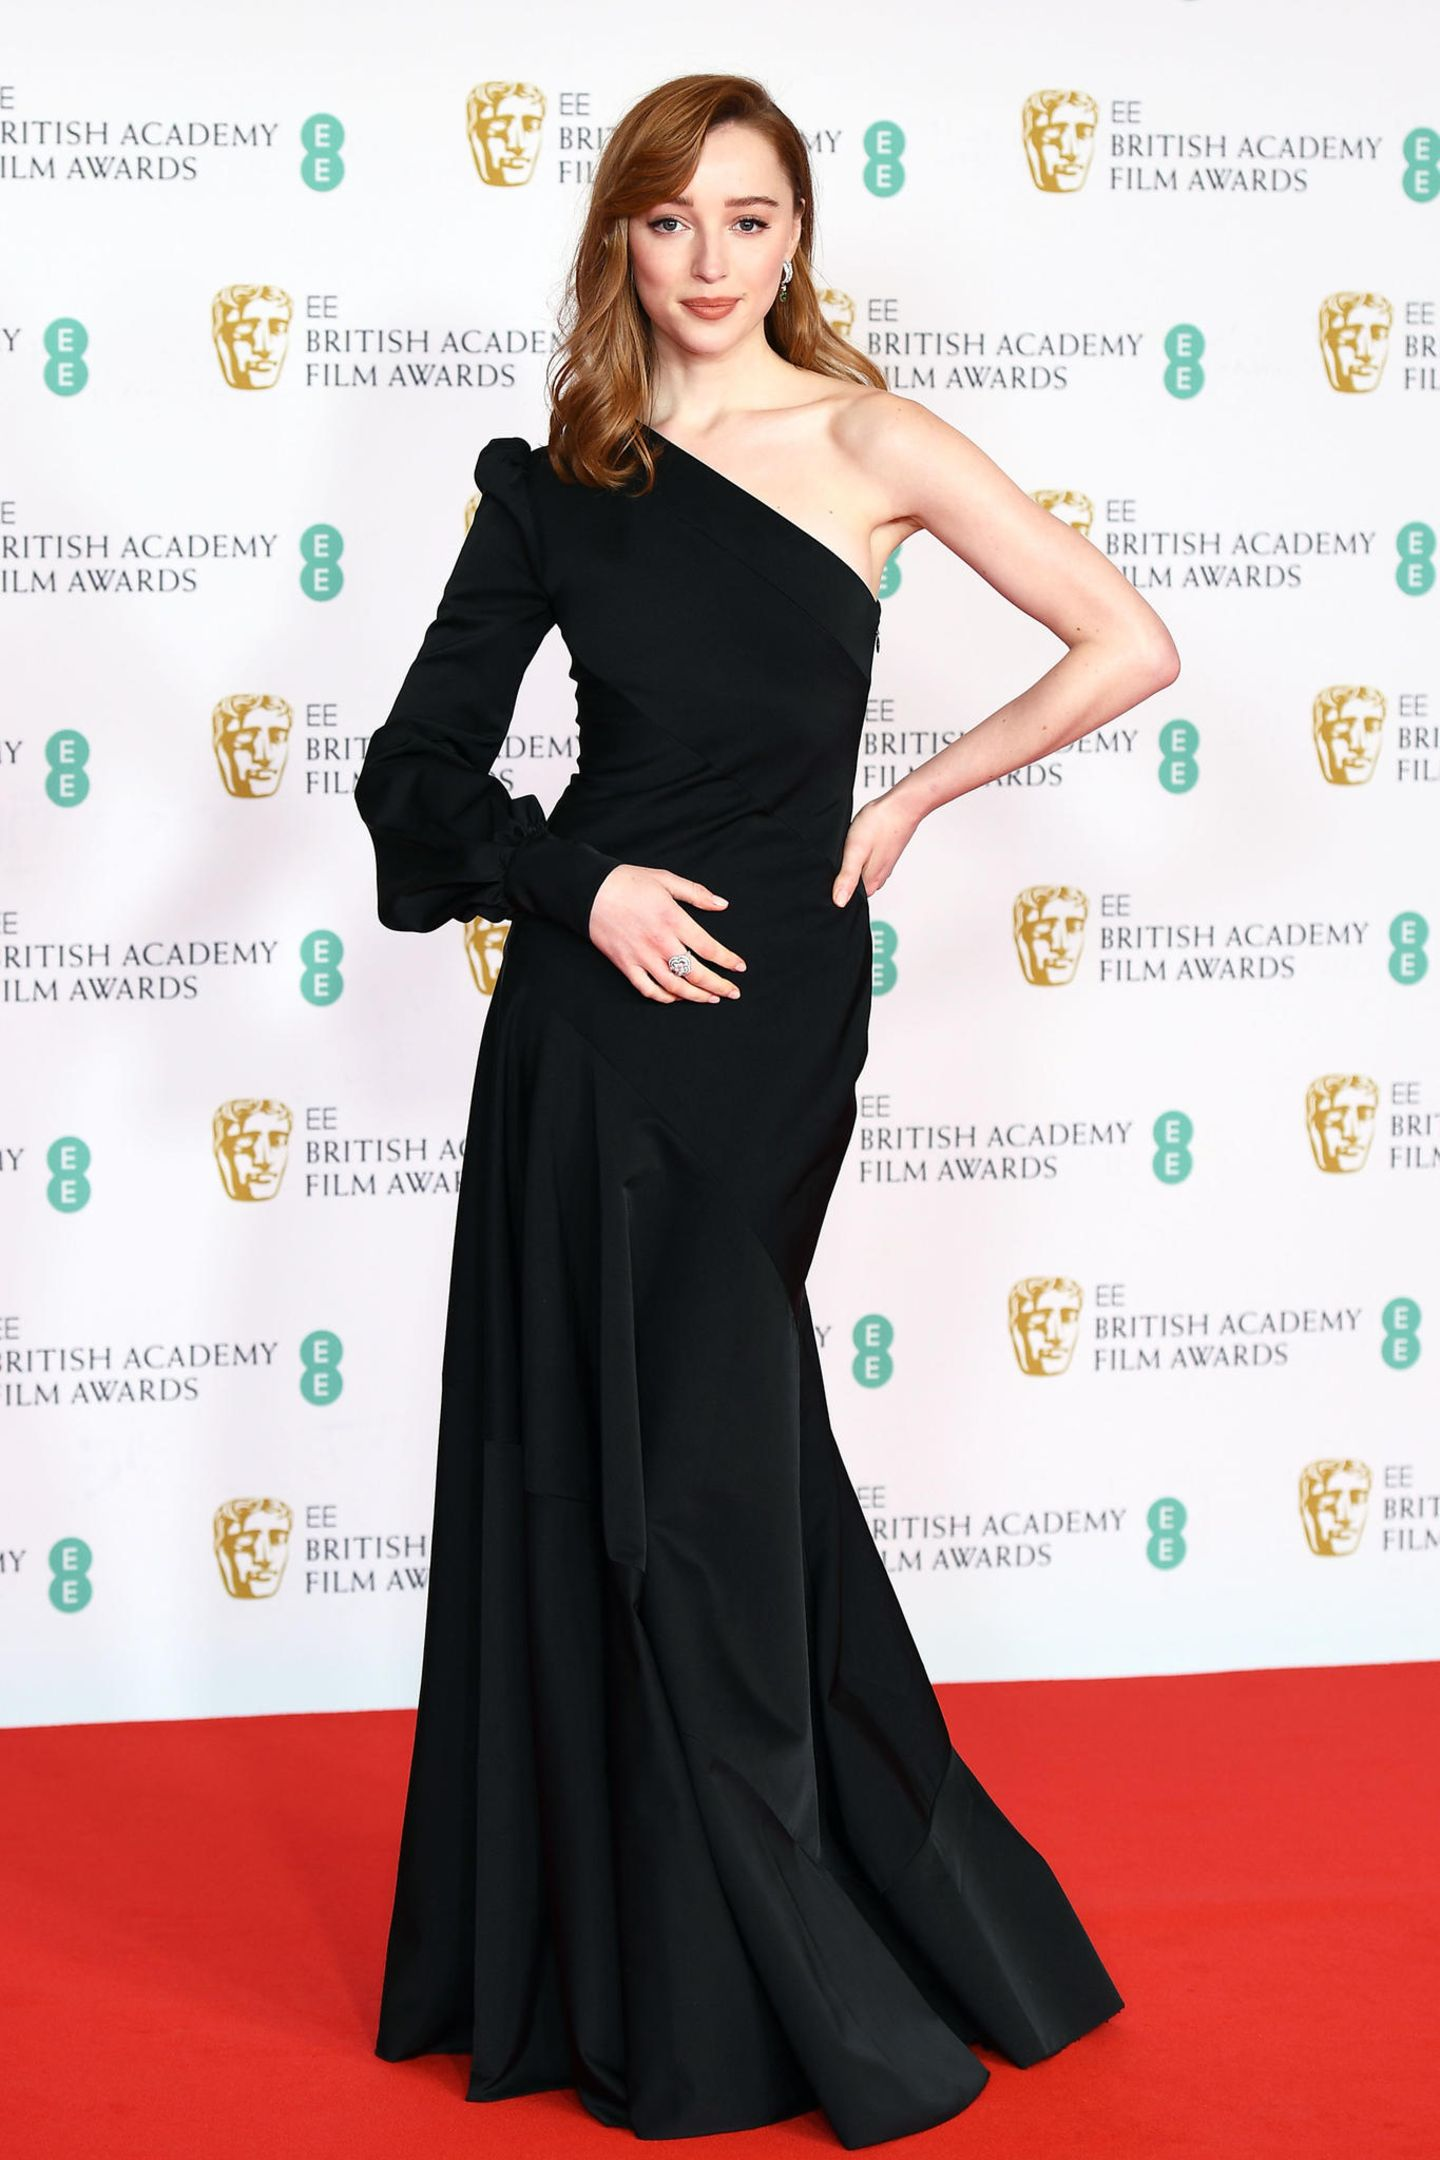 Sie ist der Shootingstar 2021 – Bridgerton hat Pheobe Dynevor über Nacht zum Star gemacht. Für ihren Auftritt als BAFTA-Präsentatorin in der Royal Albert Hallhat sie sich mit einemOne-Shoulder-Look von Louis Vuittonin Schale geworfen.